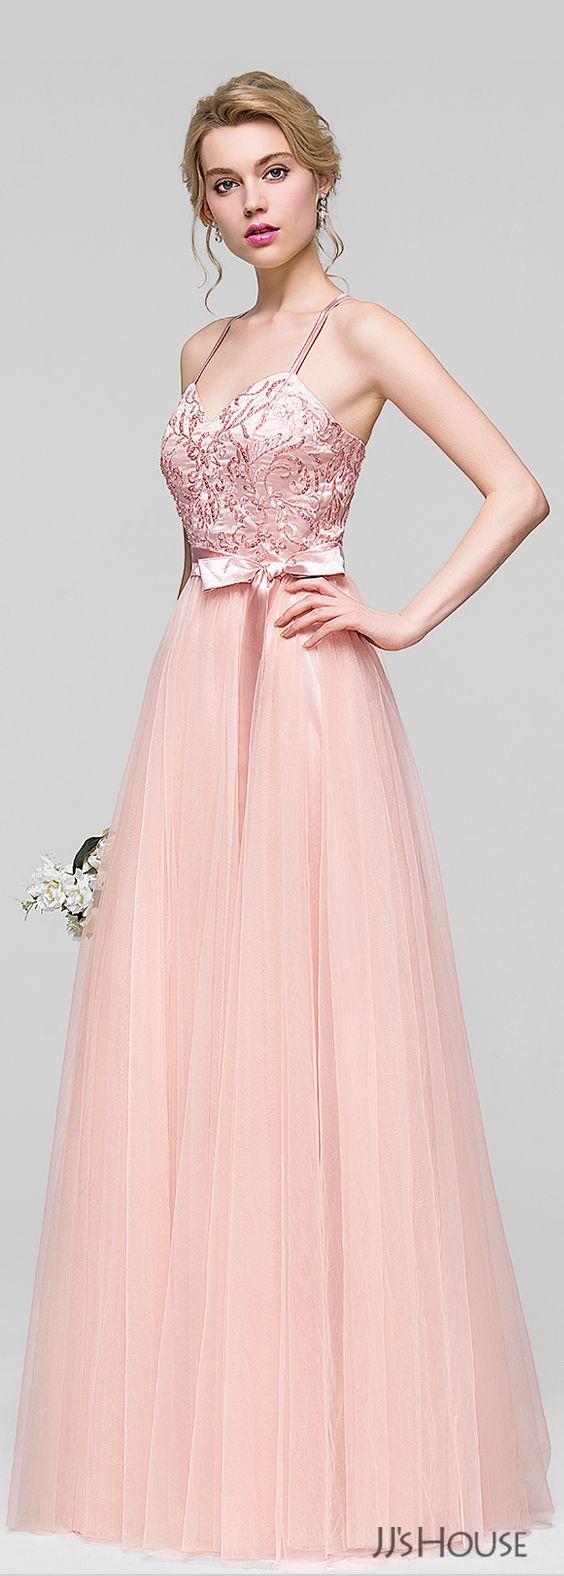 Short Prom Dresses Jjshouse - Plus Size Dresses